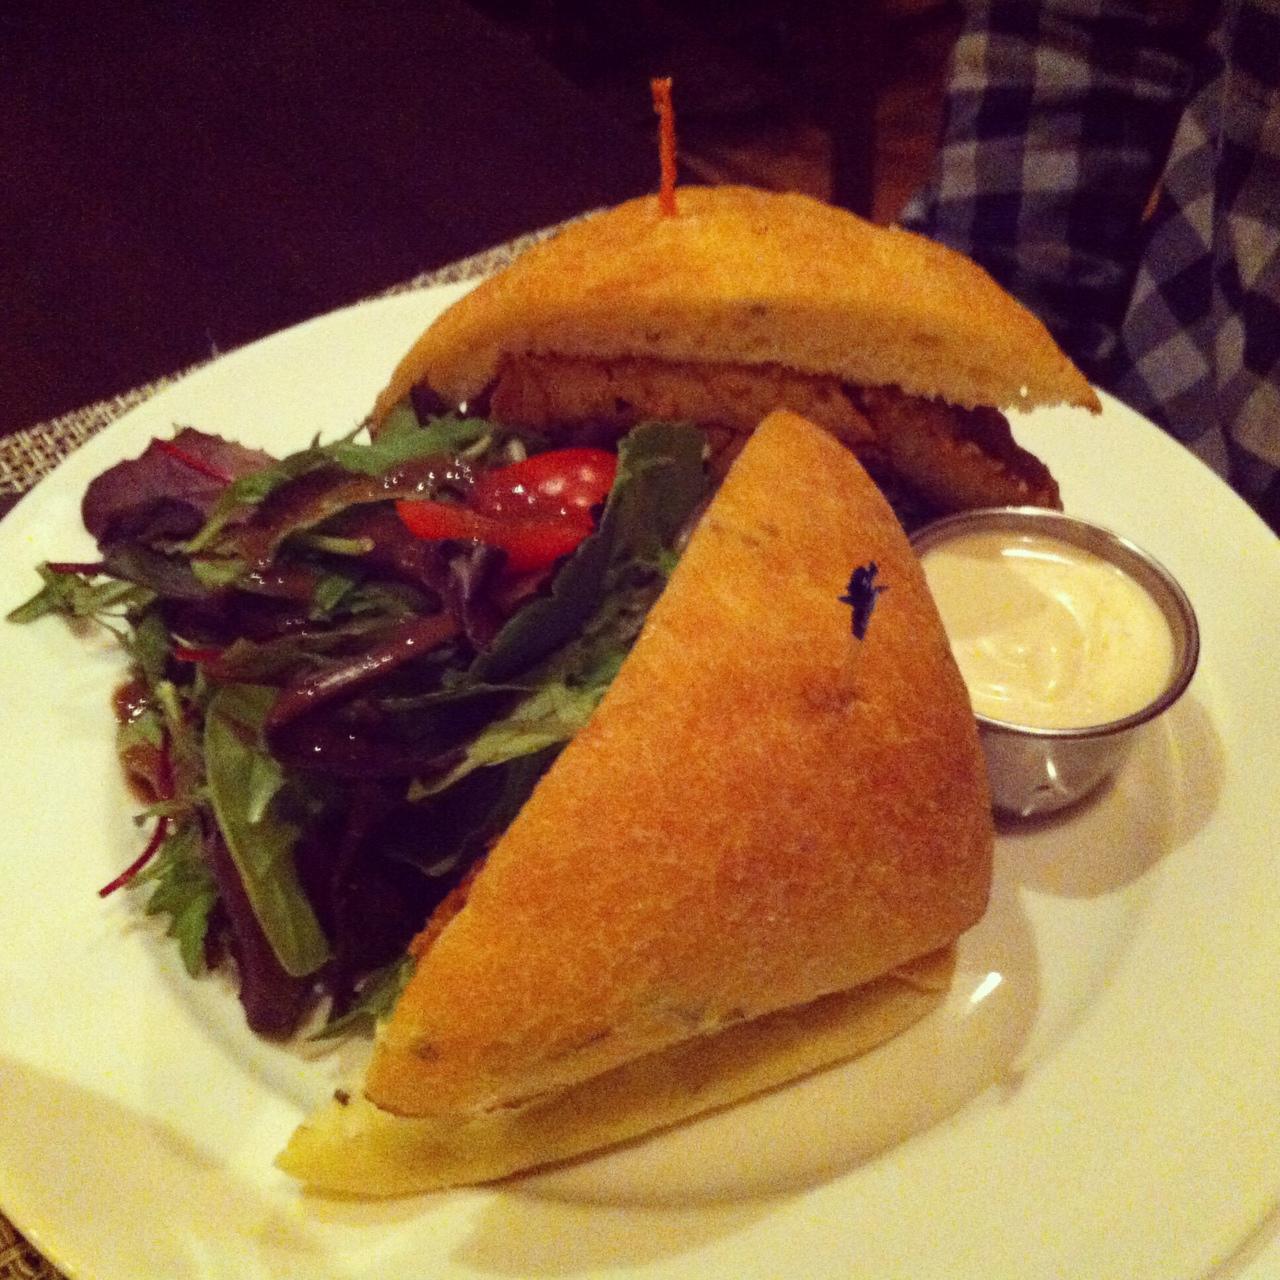 Cajun Seitan Sandwich - Candle Cafe West